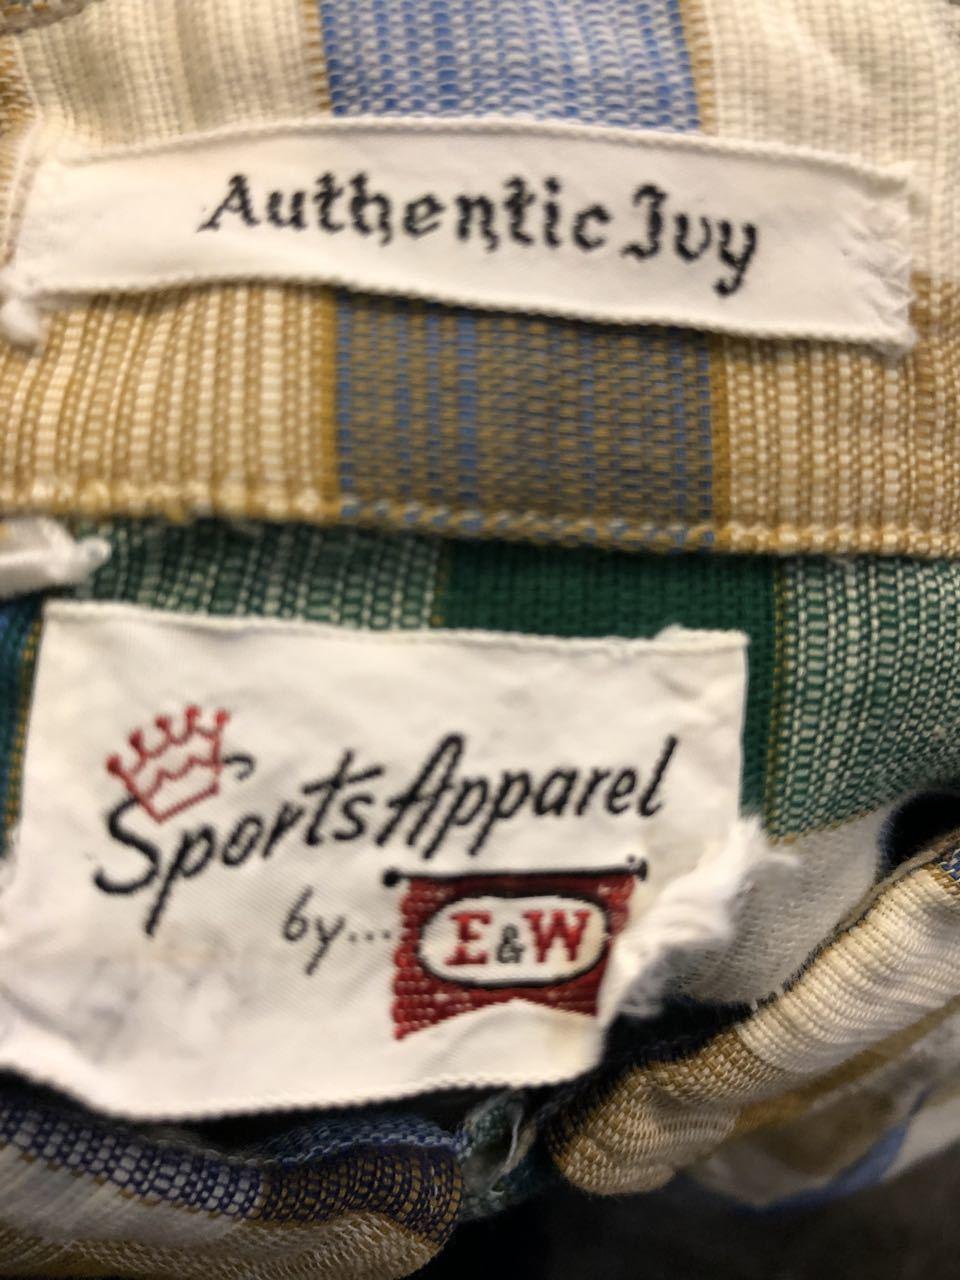 アメリカ仕入れ情報#30 3/14入荷!E&W Authentic IVY  B.D shirts!_c0144020_14133375.jpg